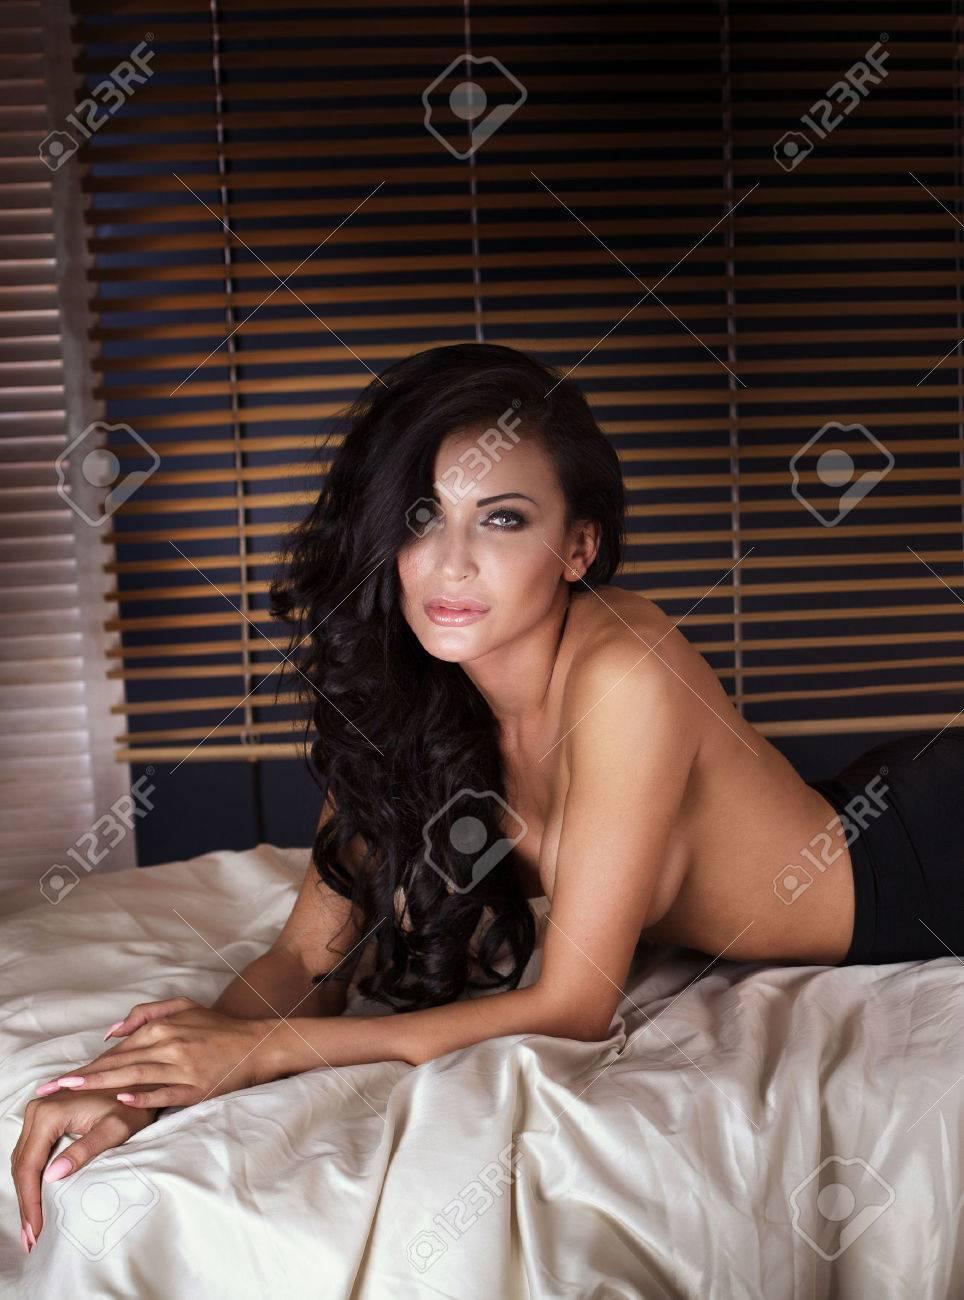 Sofia vassilieva shaved